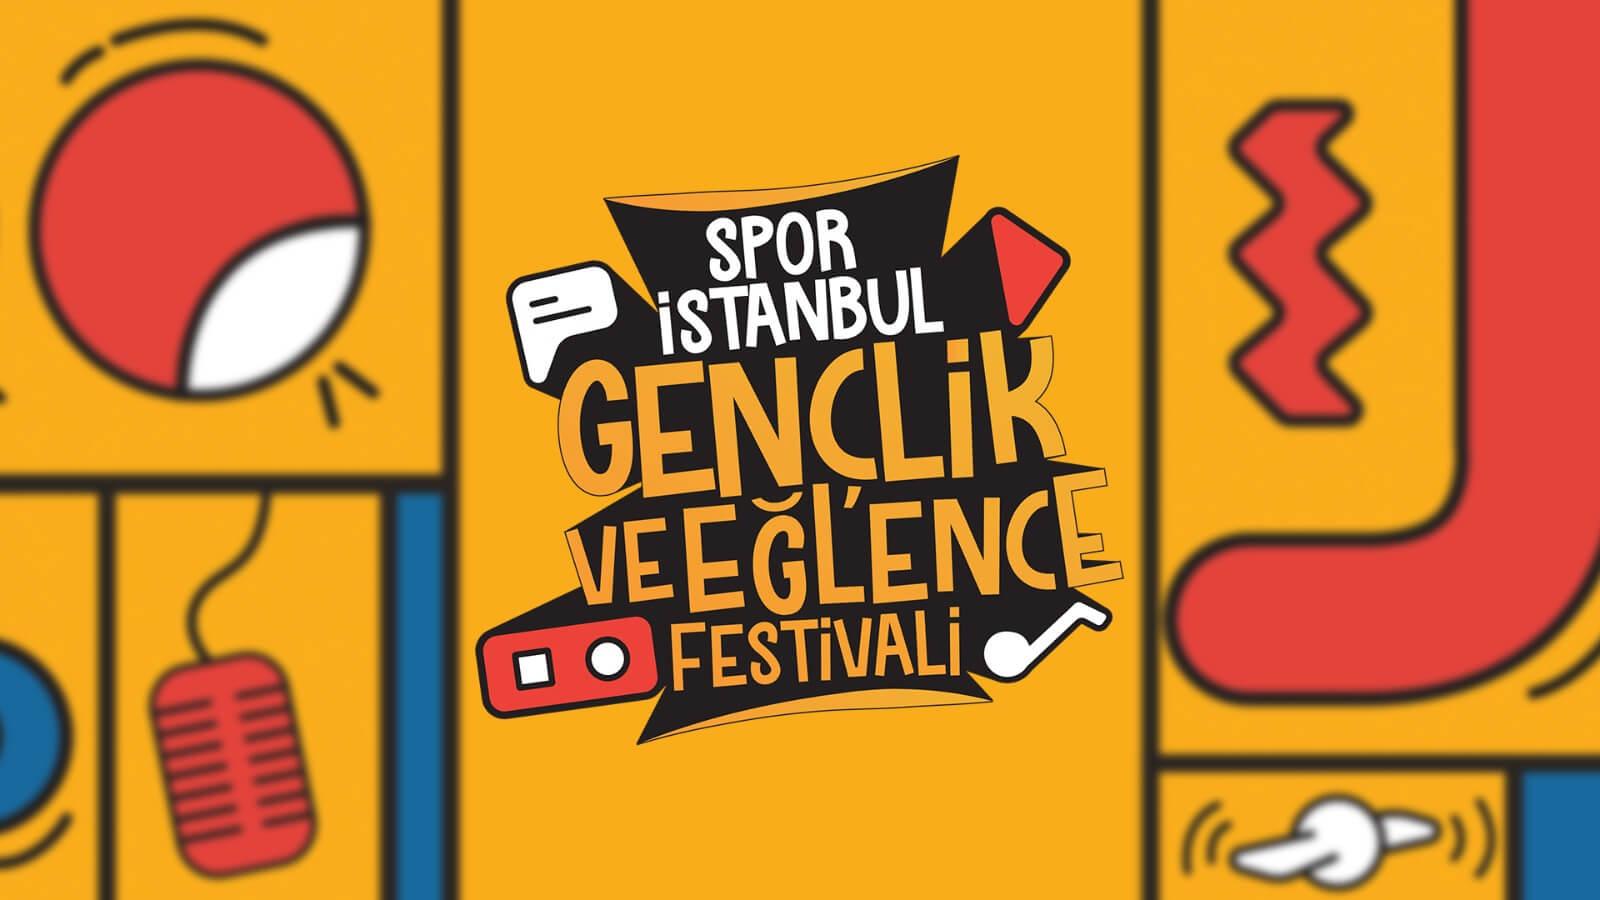 Spor İstanbul Gençlik ve Eğlence Festivali için geri sayım başladı!